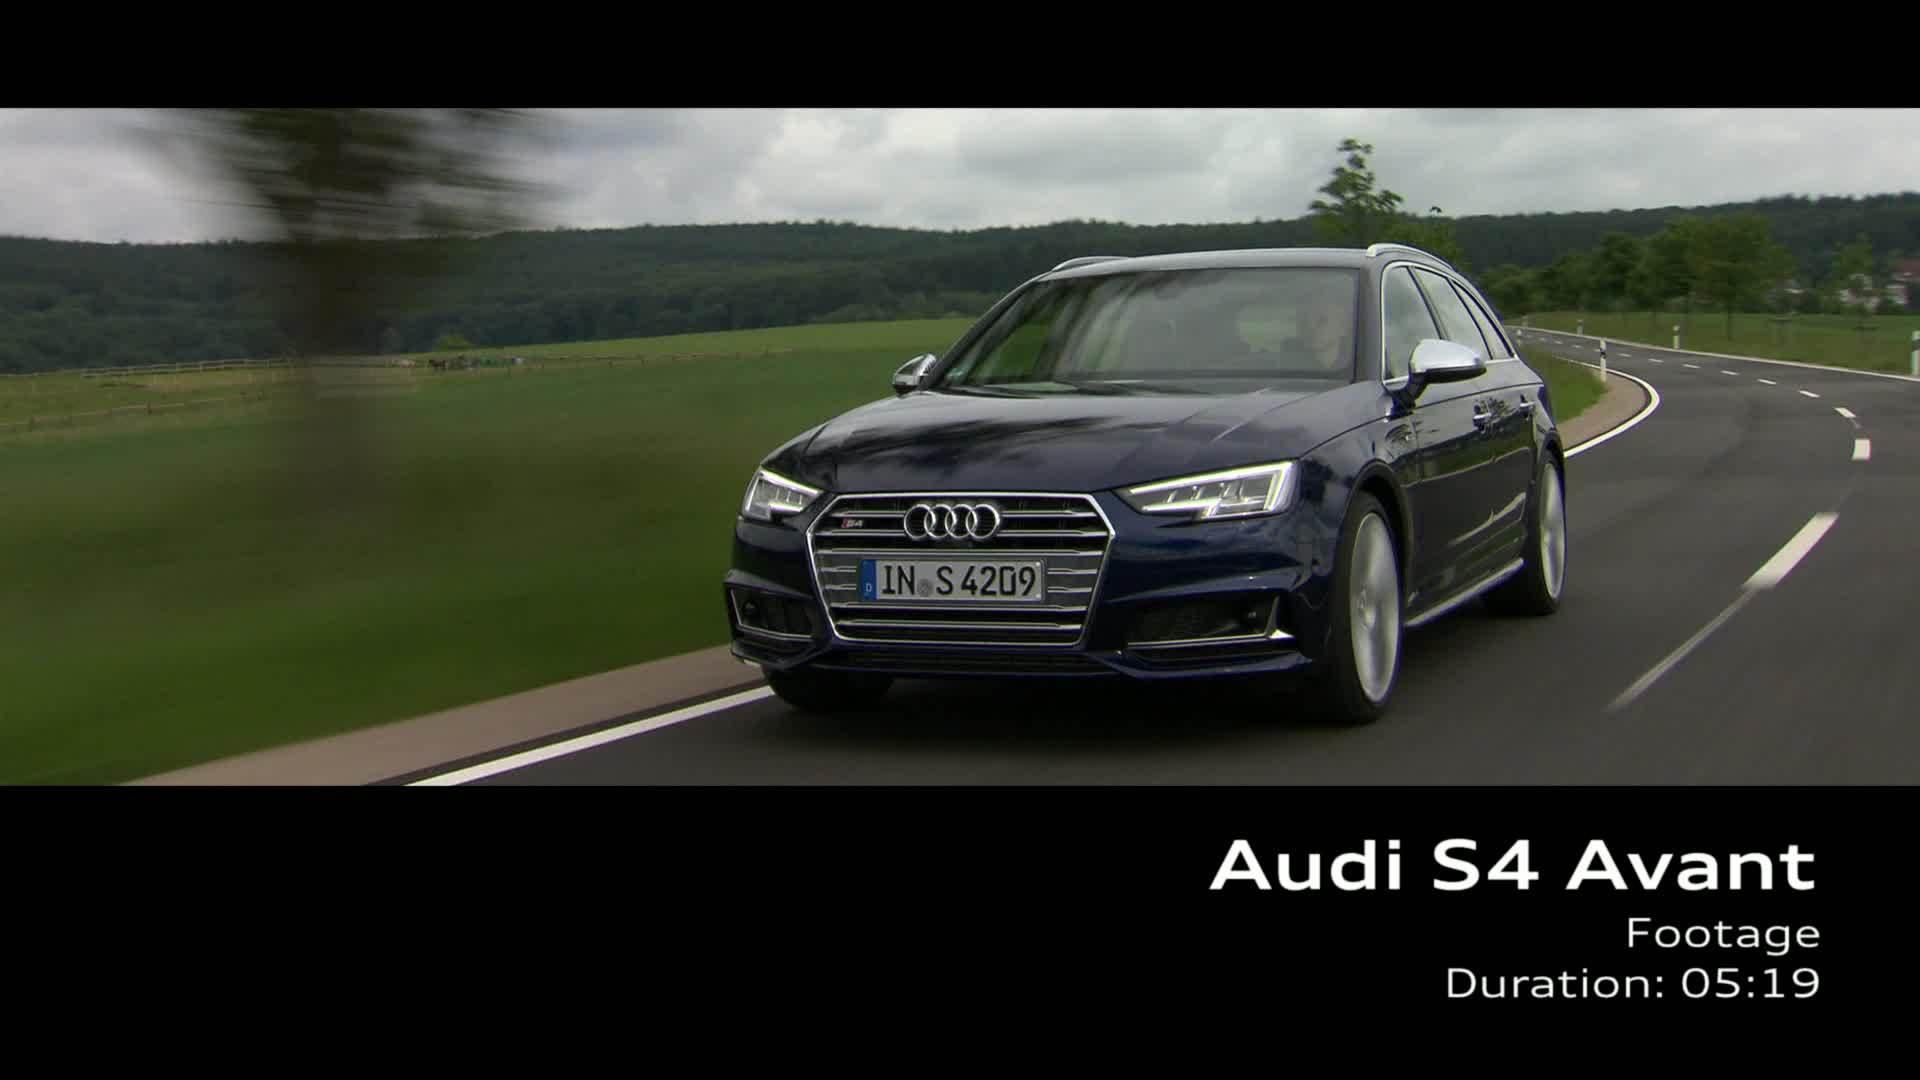 Audi S4 Avant - Footage on Location